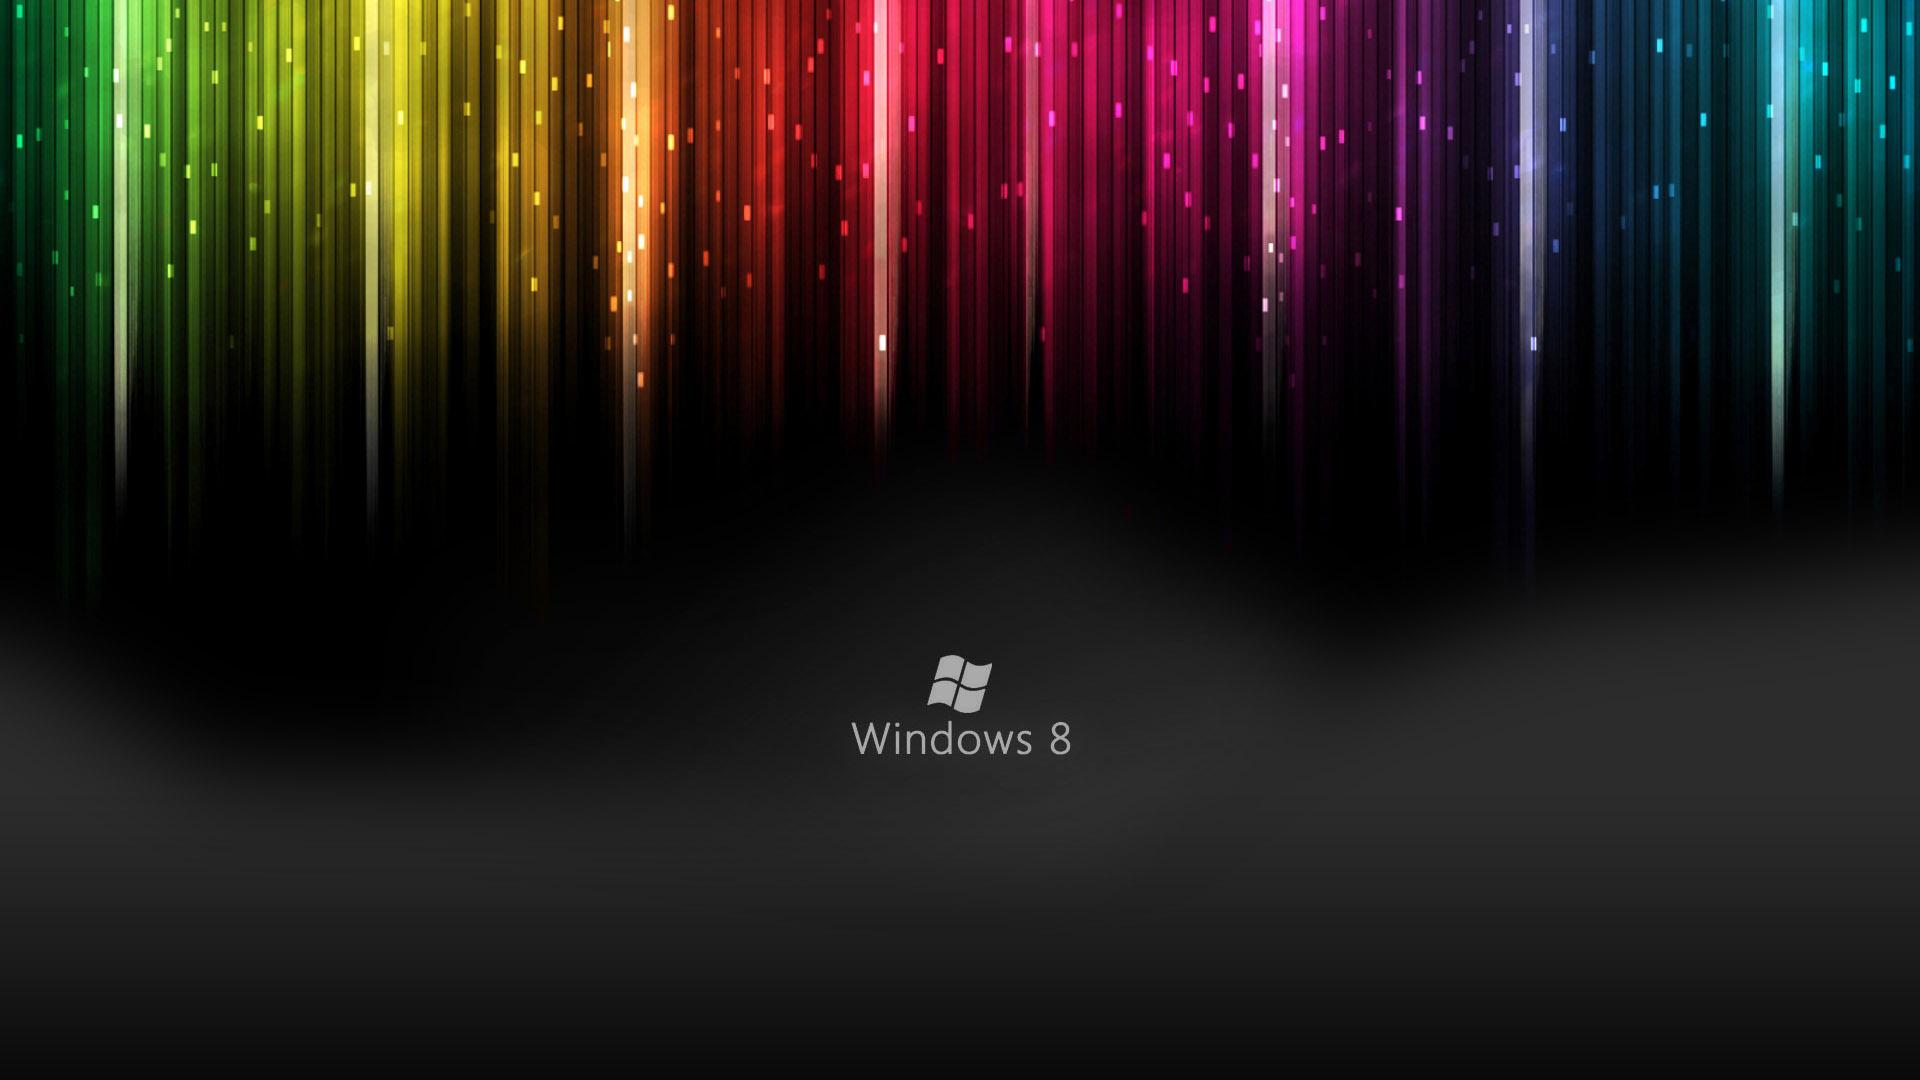 Windows 8 Live Wallpapers HD Wallpaper of Windows   hdwallpaper2013 1920x1080